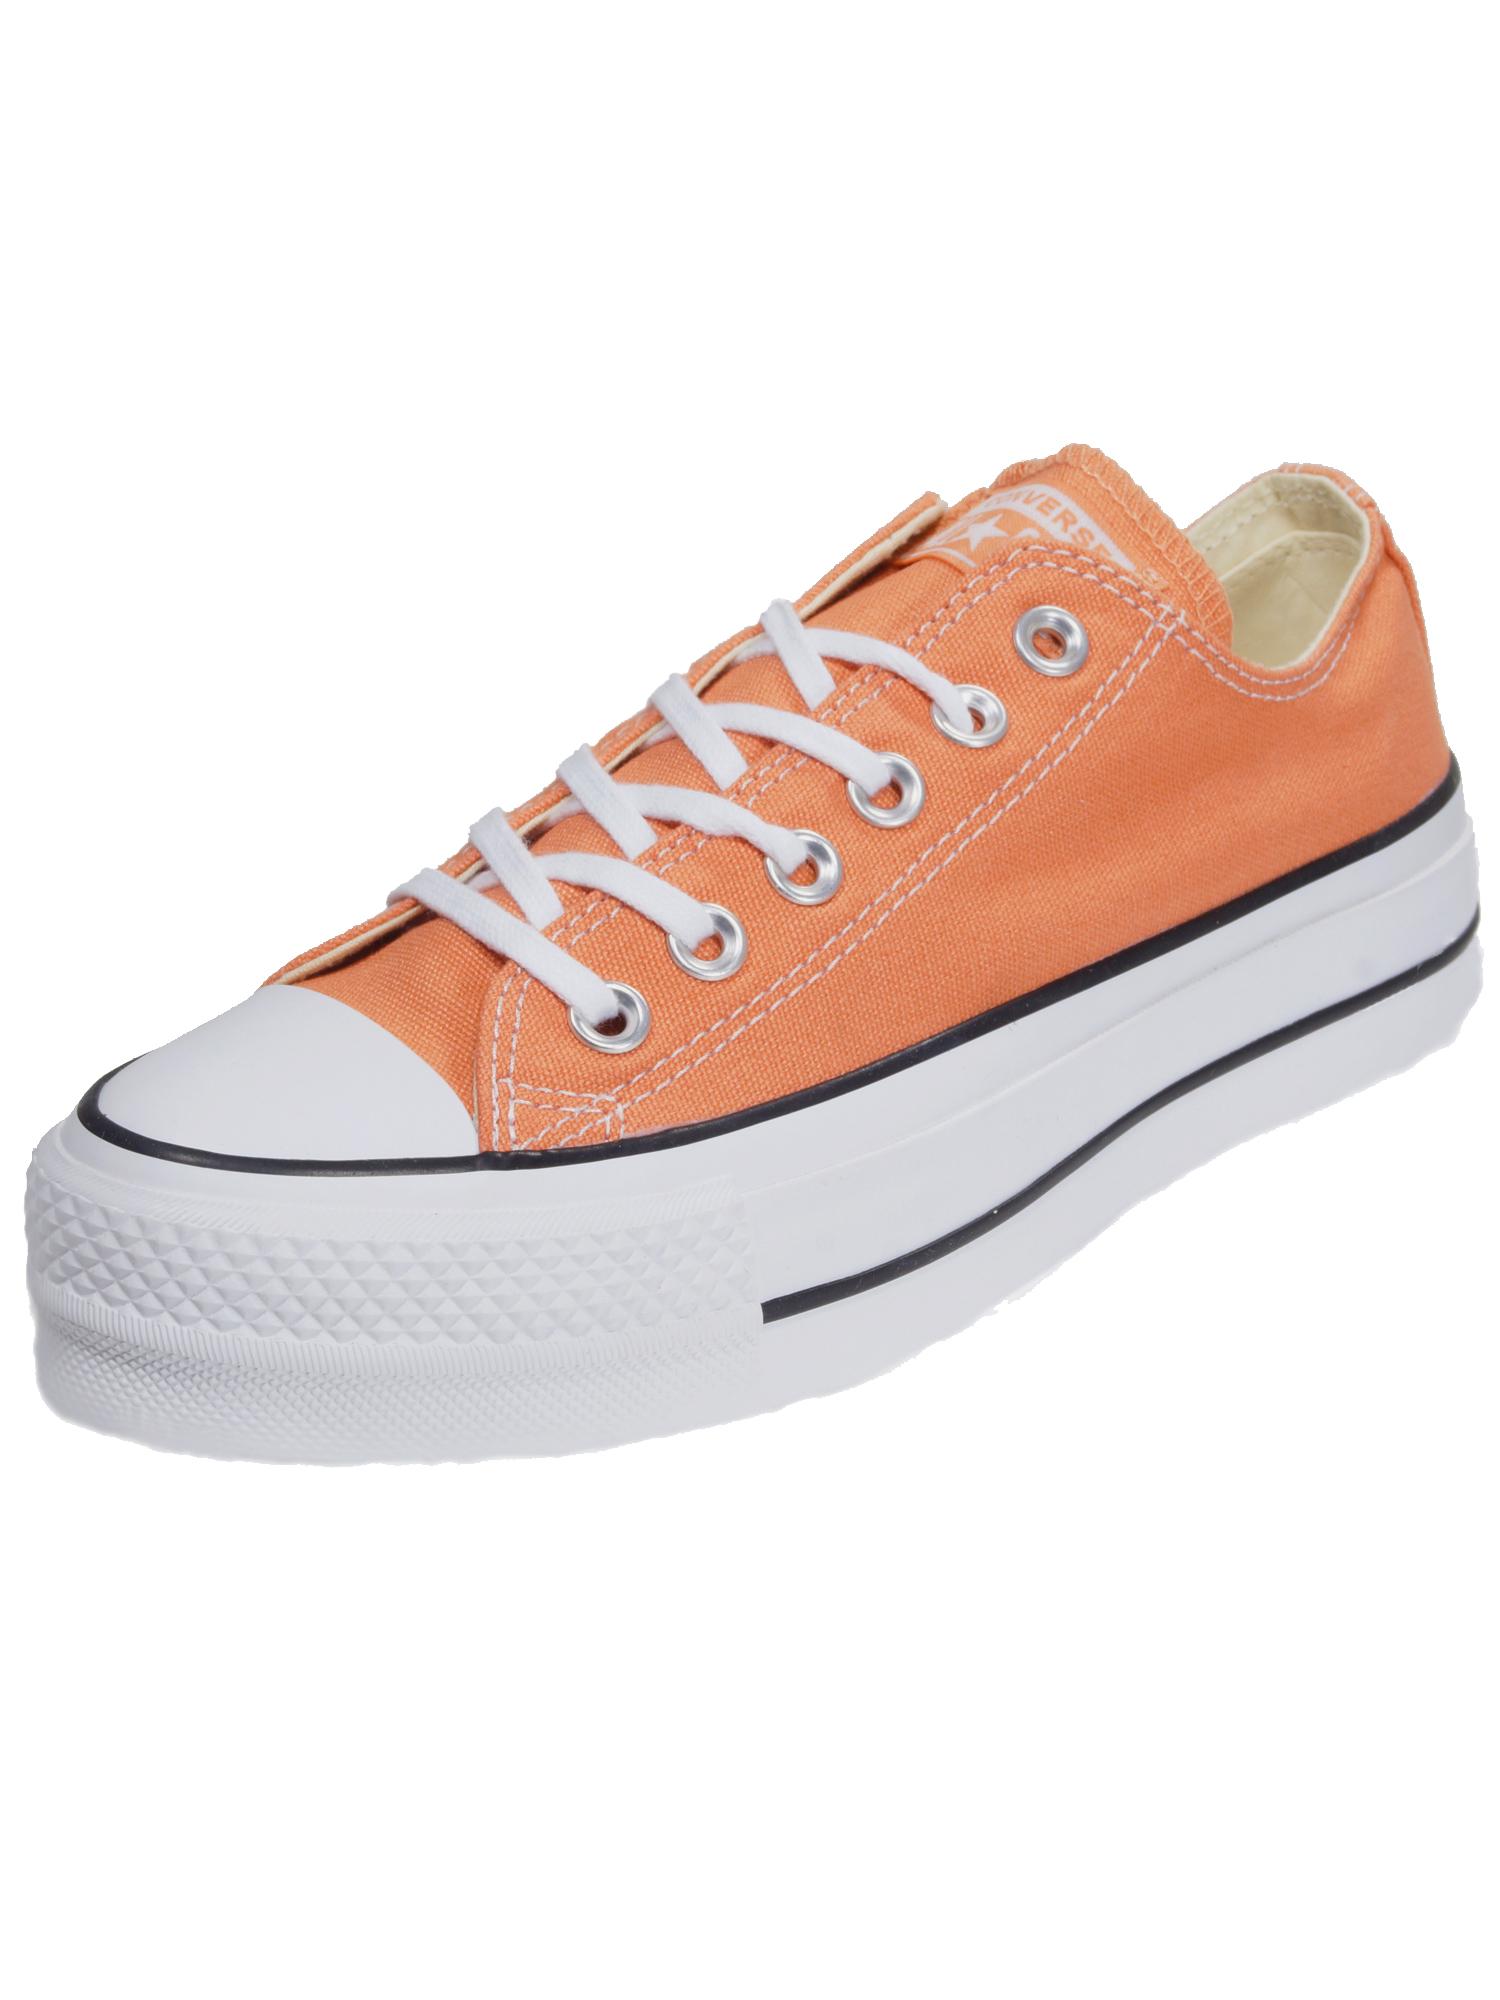 Converse Damen Schuhe CT All Star Lift Ox Orange Leinen Sneakers 36, 5